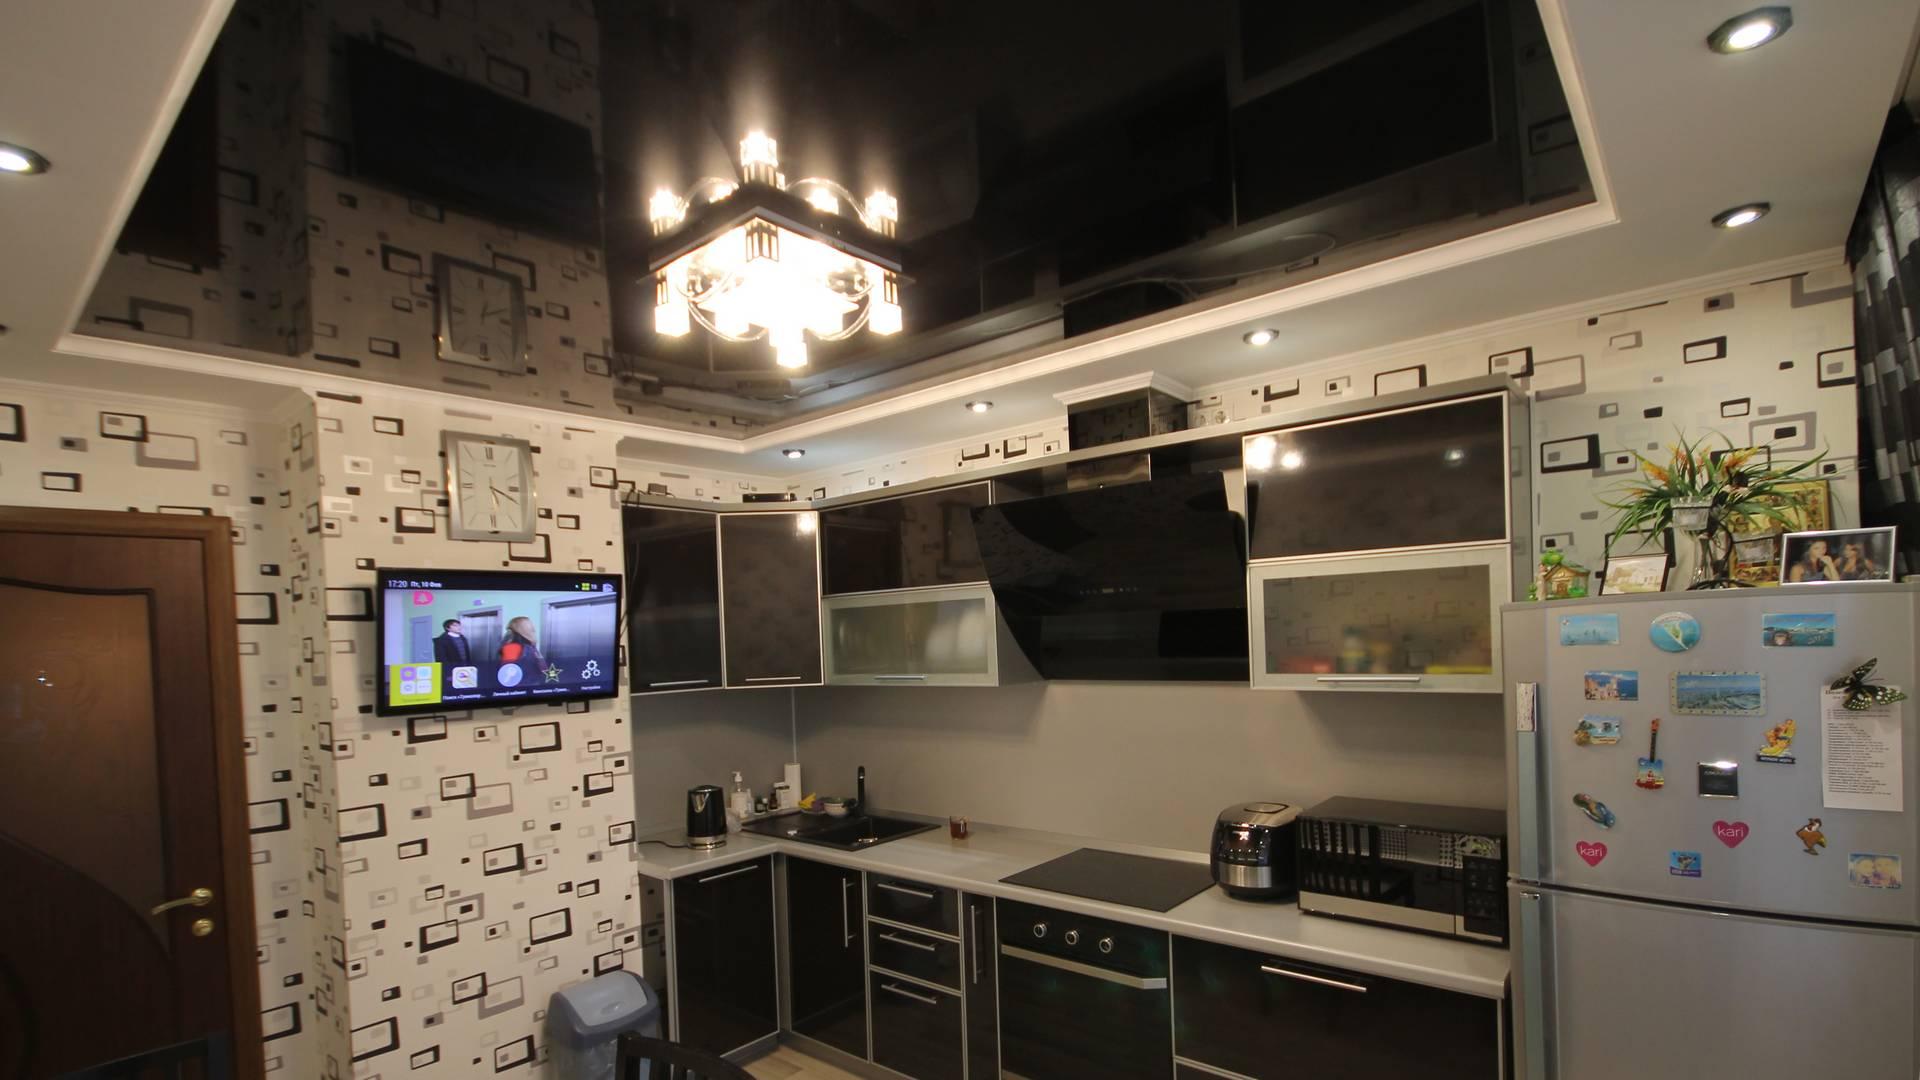 Глянцевые натяжные потолки, Двухуровневые натяжные потолки, Натяжные потолки для кухни